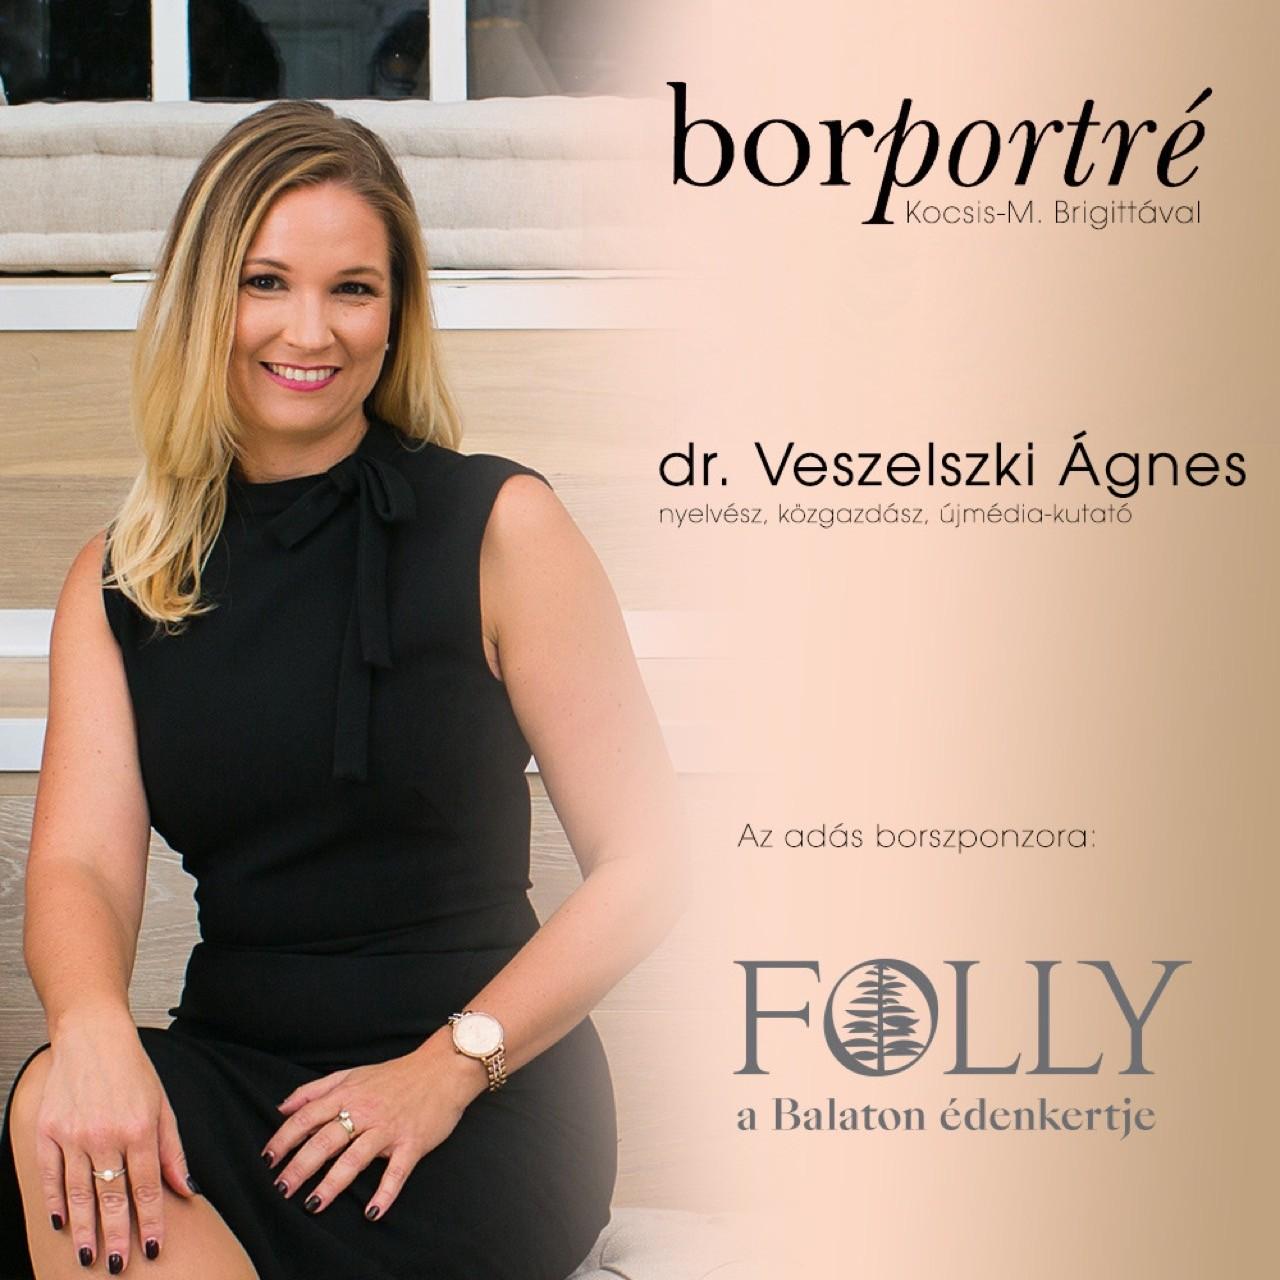 borportre_2020_11_25_veszelszki_agnes_nyelvesz_folly_kocka 2